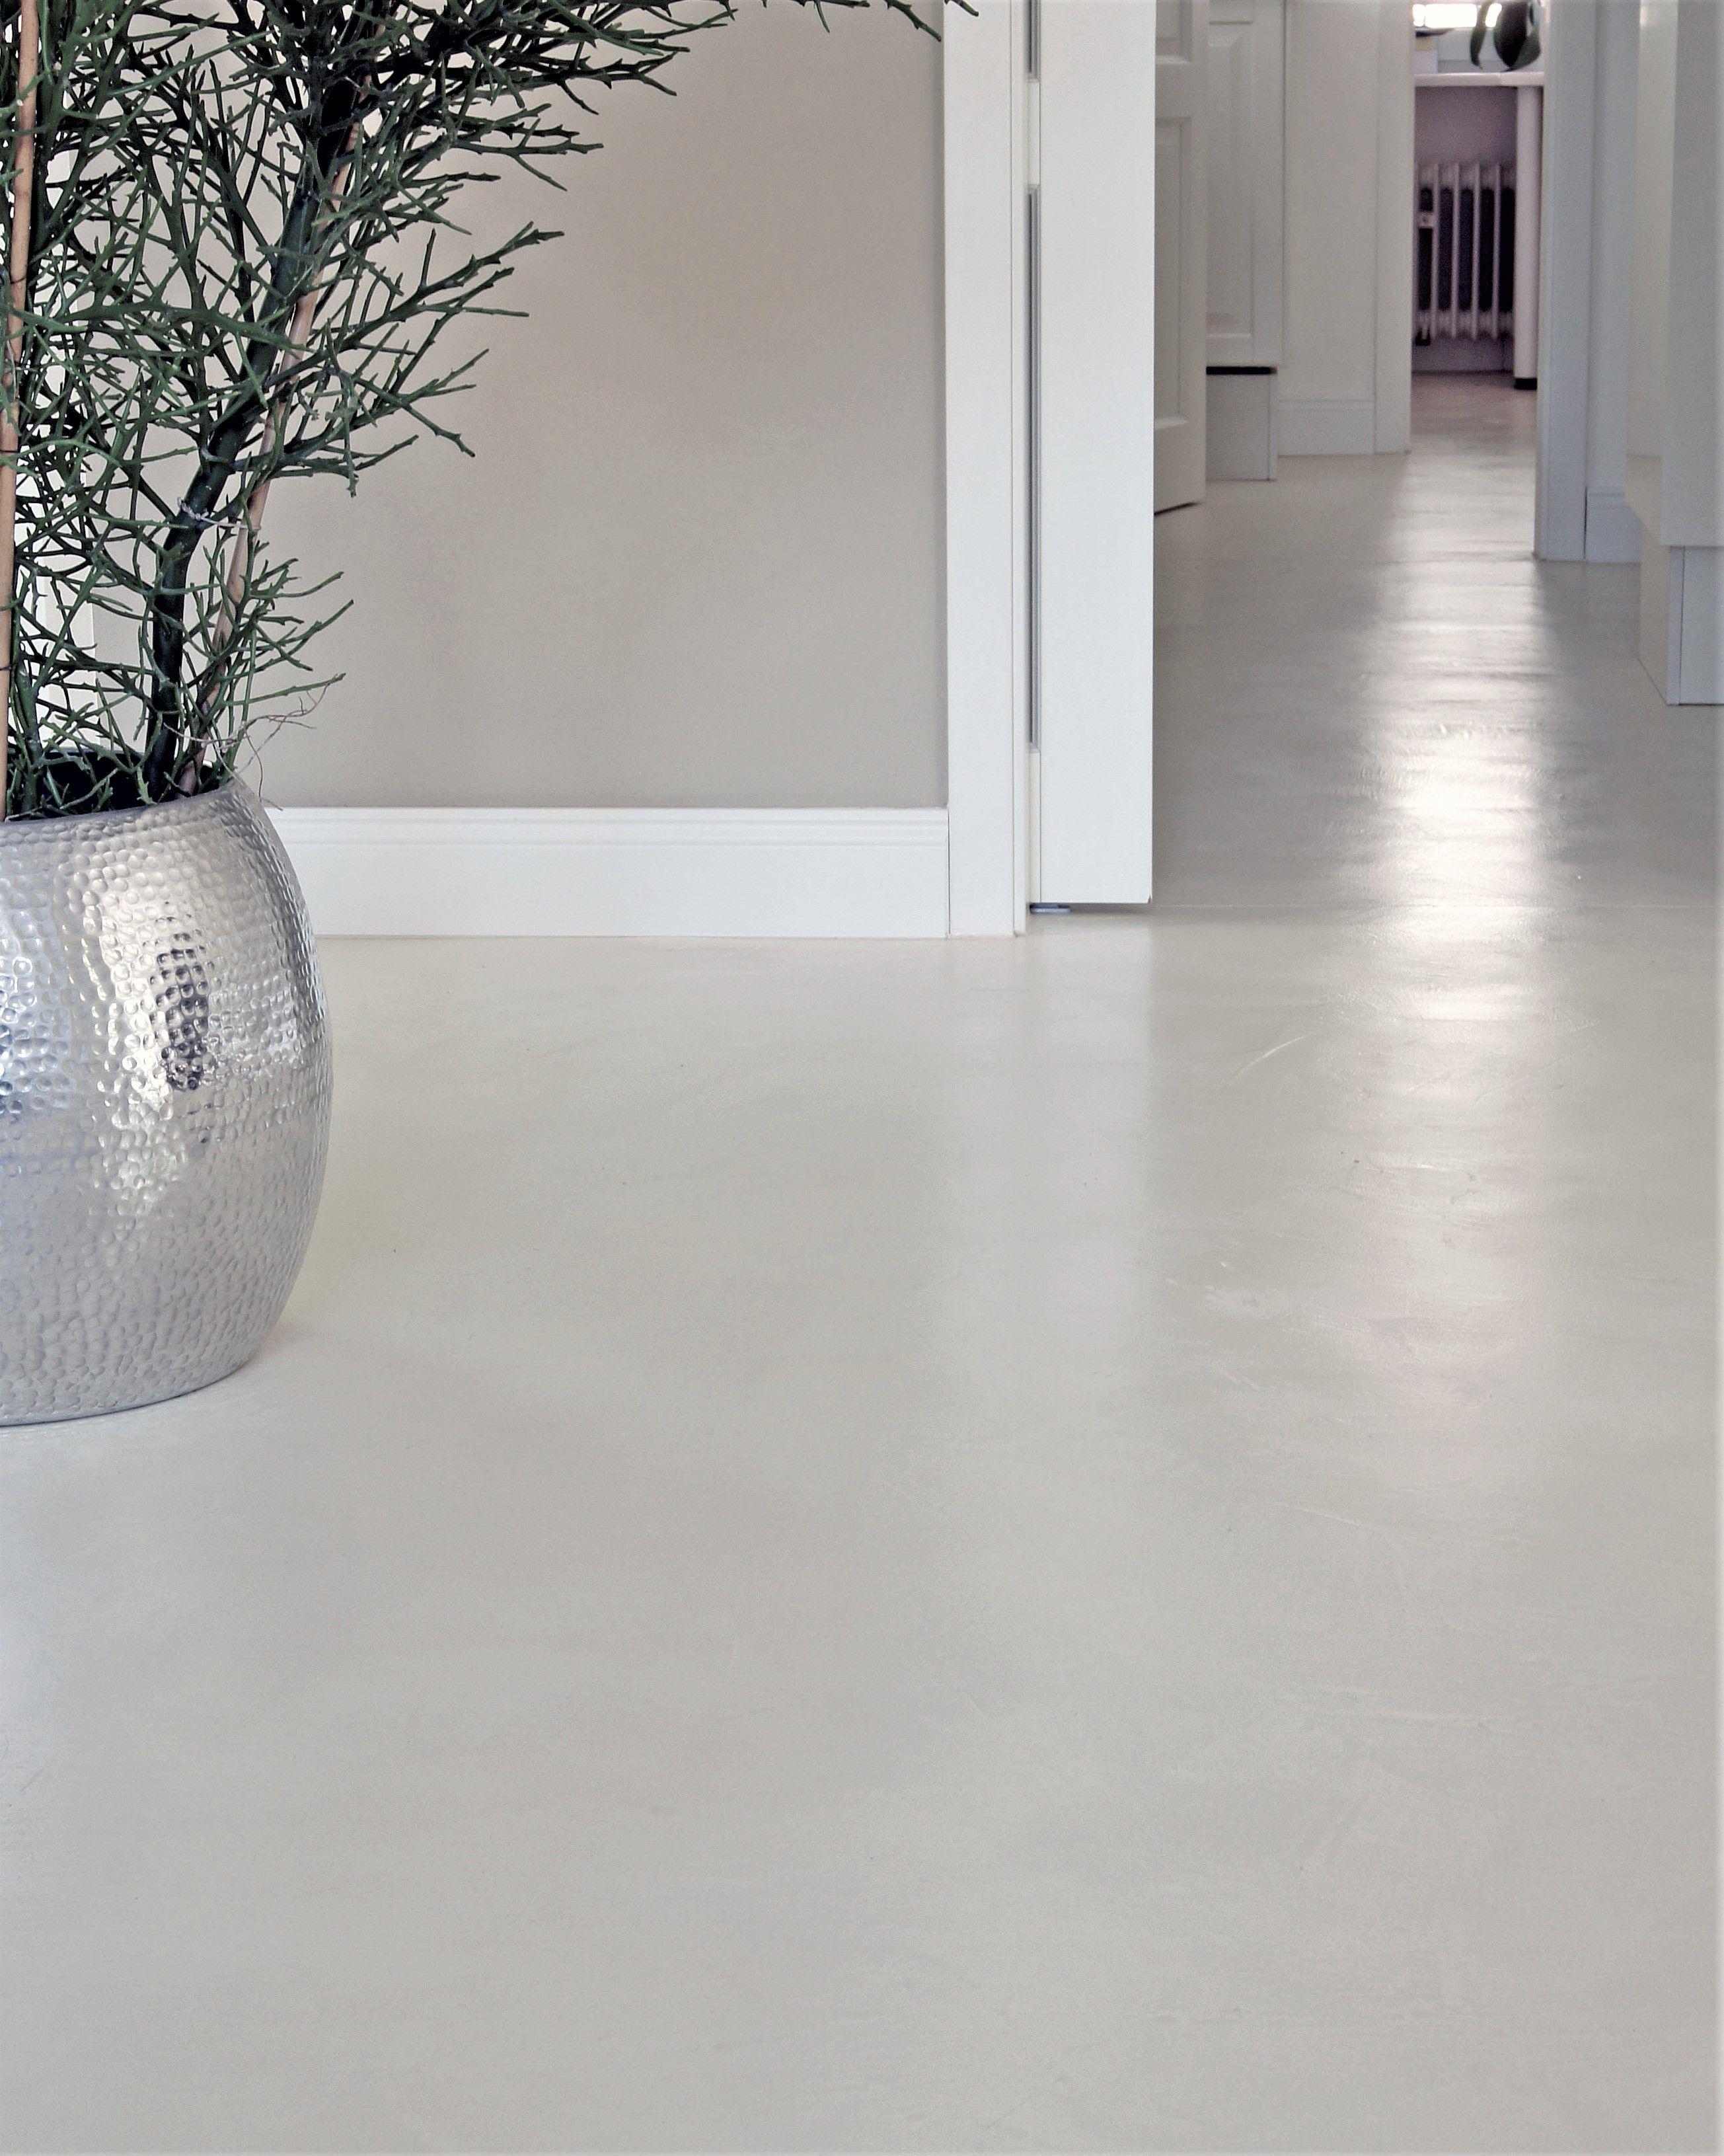 Wohnbeton Wb 1 Sanierung Und Umnutzung Nurnberg Geschliffener Und Polierter Sic In 2020 With Images Concrete Floors Free Standing Bath Tub Clear Glass Vases